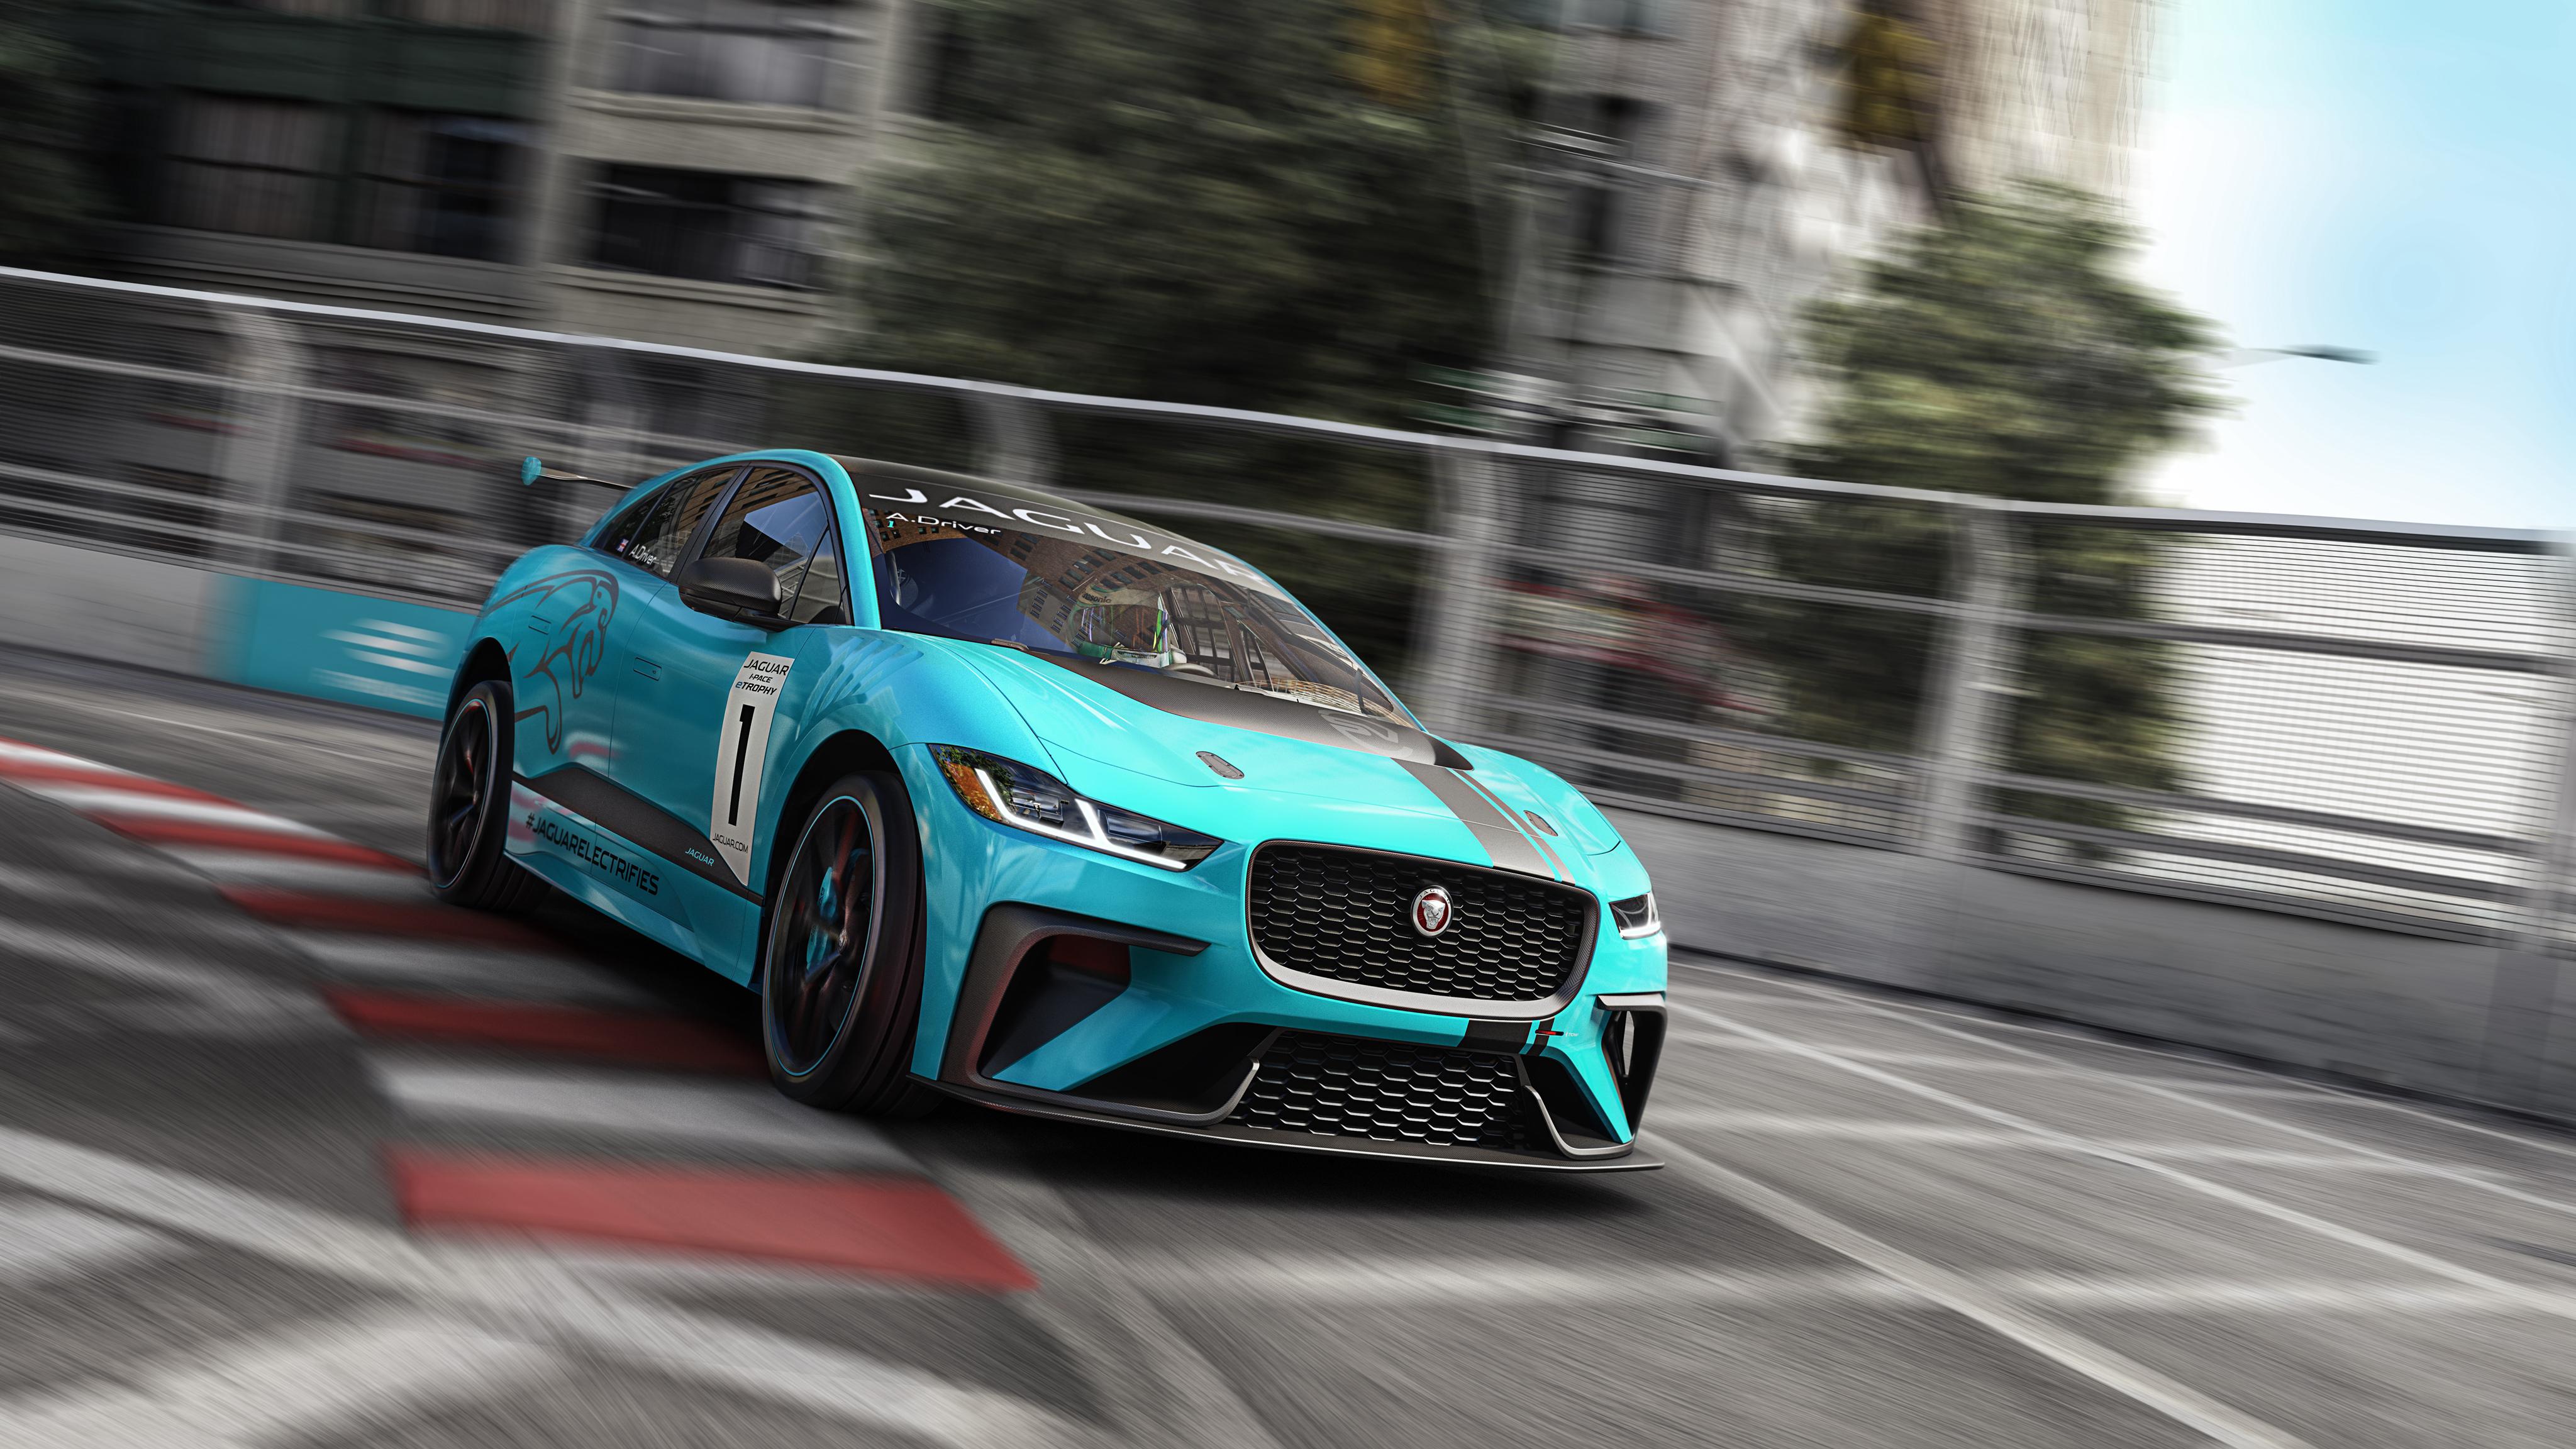 Jaguar I PACE eTROPHY Electric Race Car 4K Wallpaper   HD ...